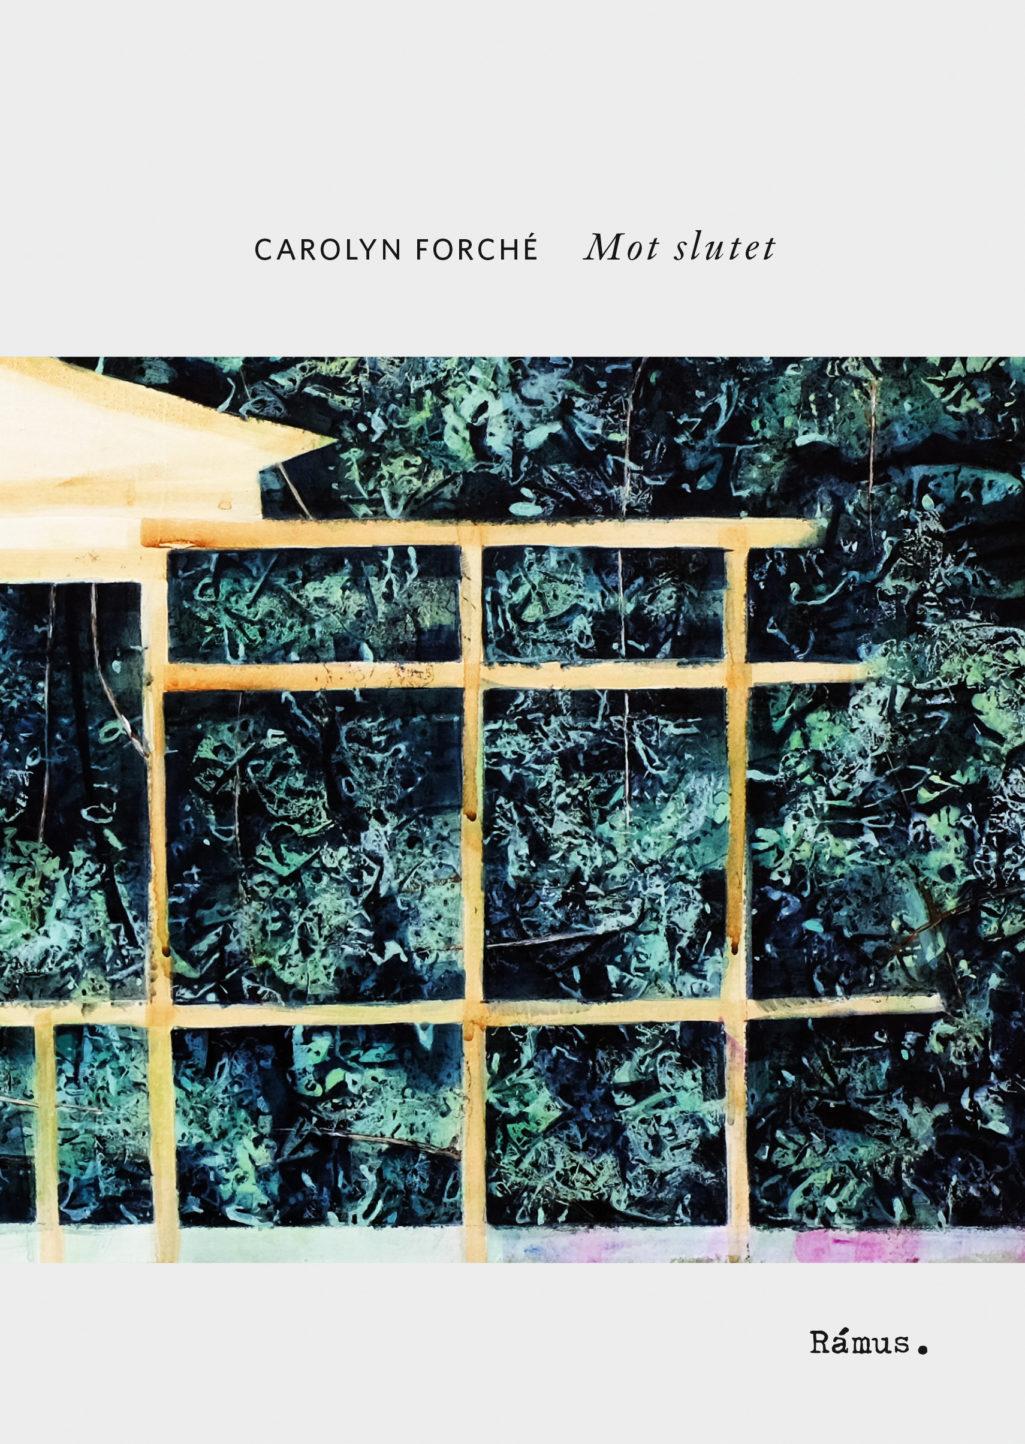 bokomslag-poesi-lastips-carolyn-forche-mot-slutet-ramus2020